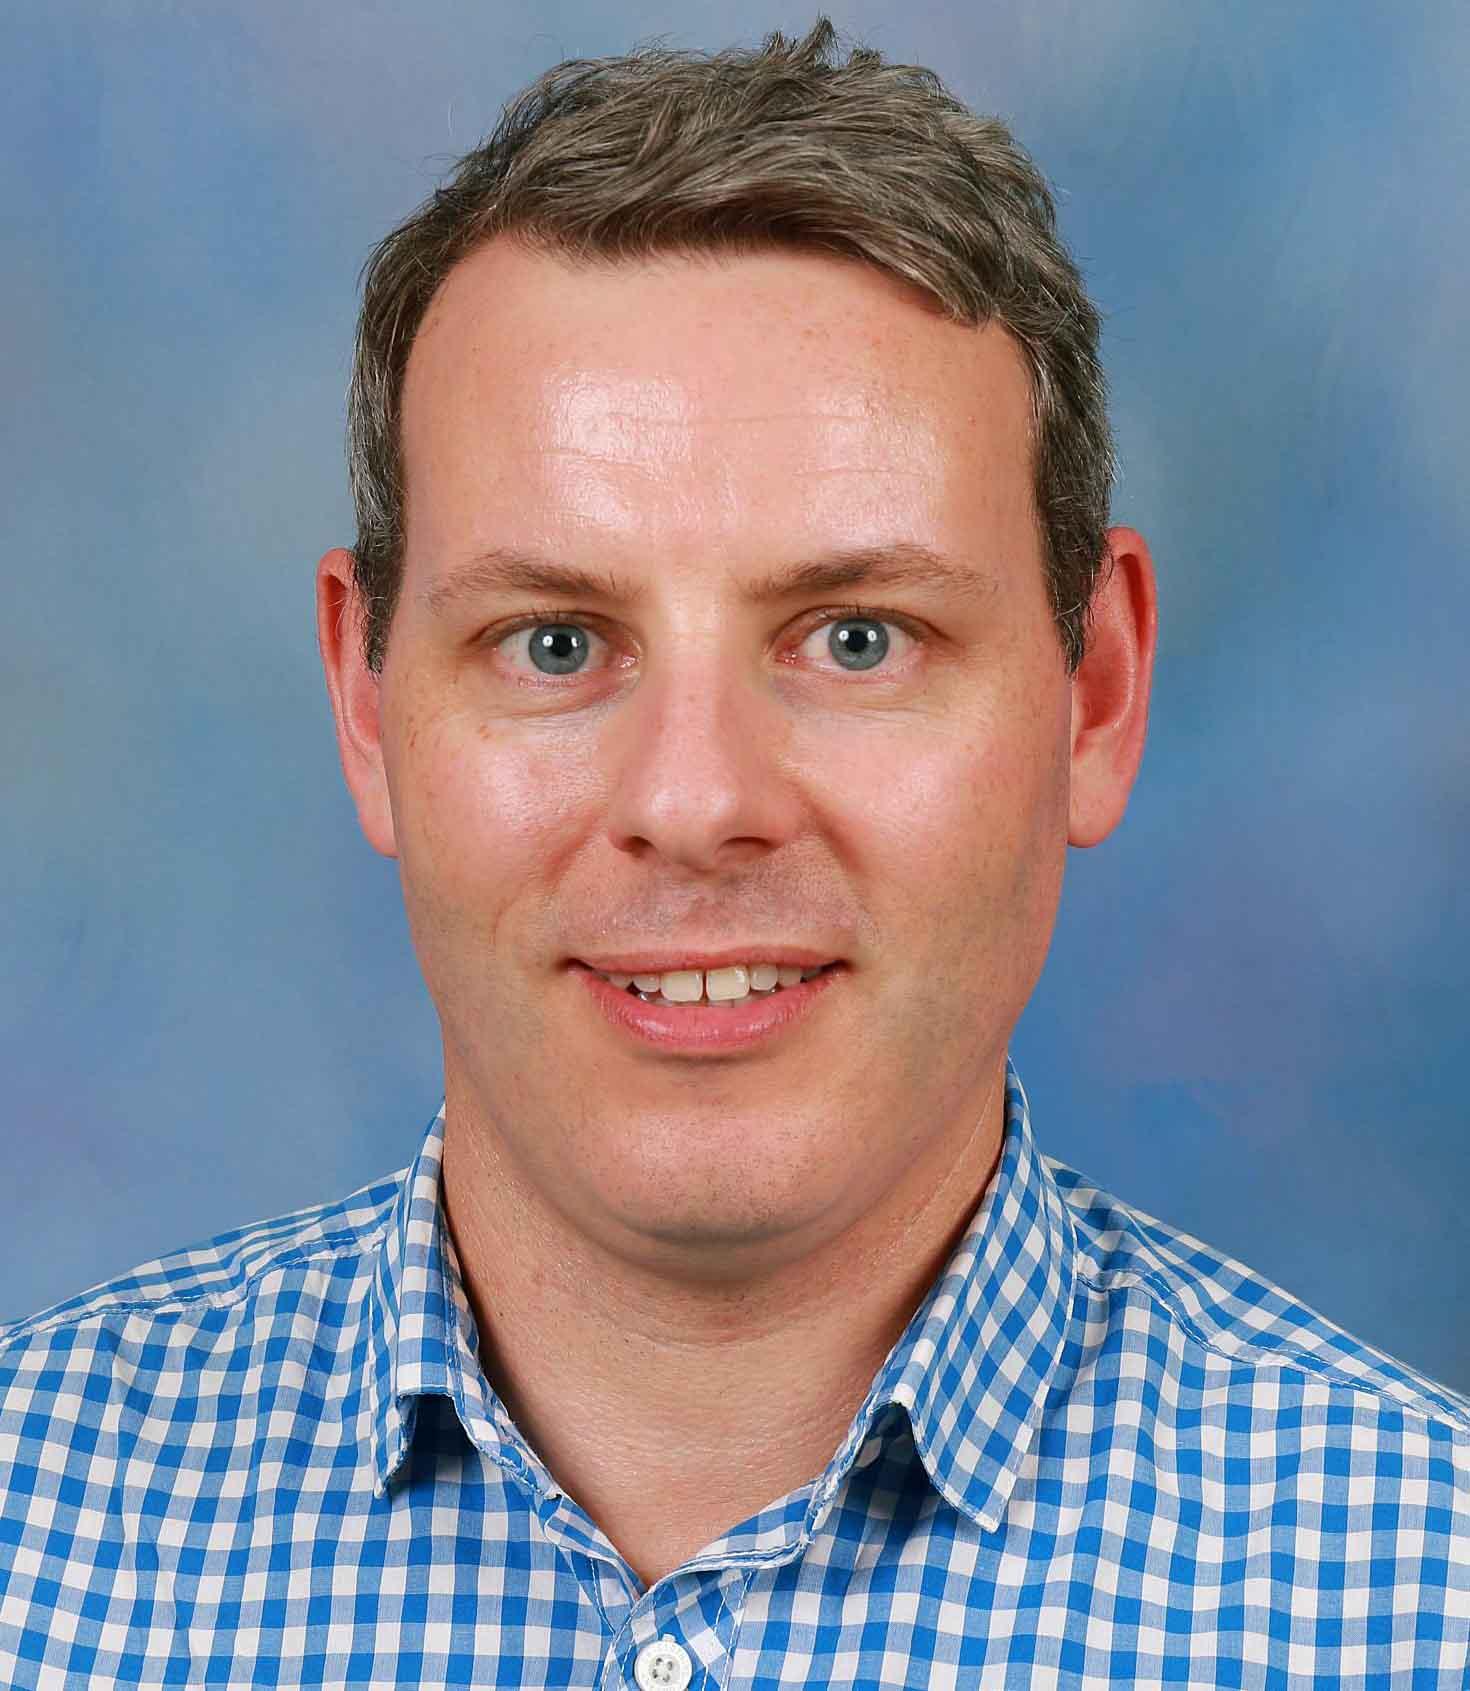 Owen Flattery, Lauriston Girls' School